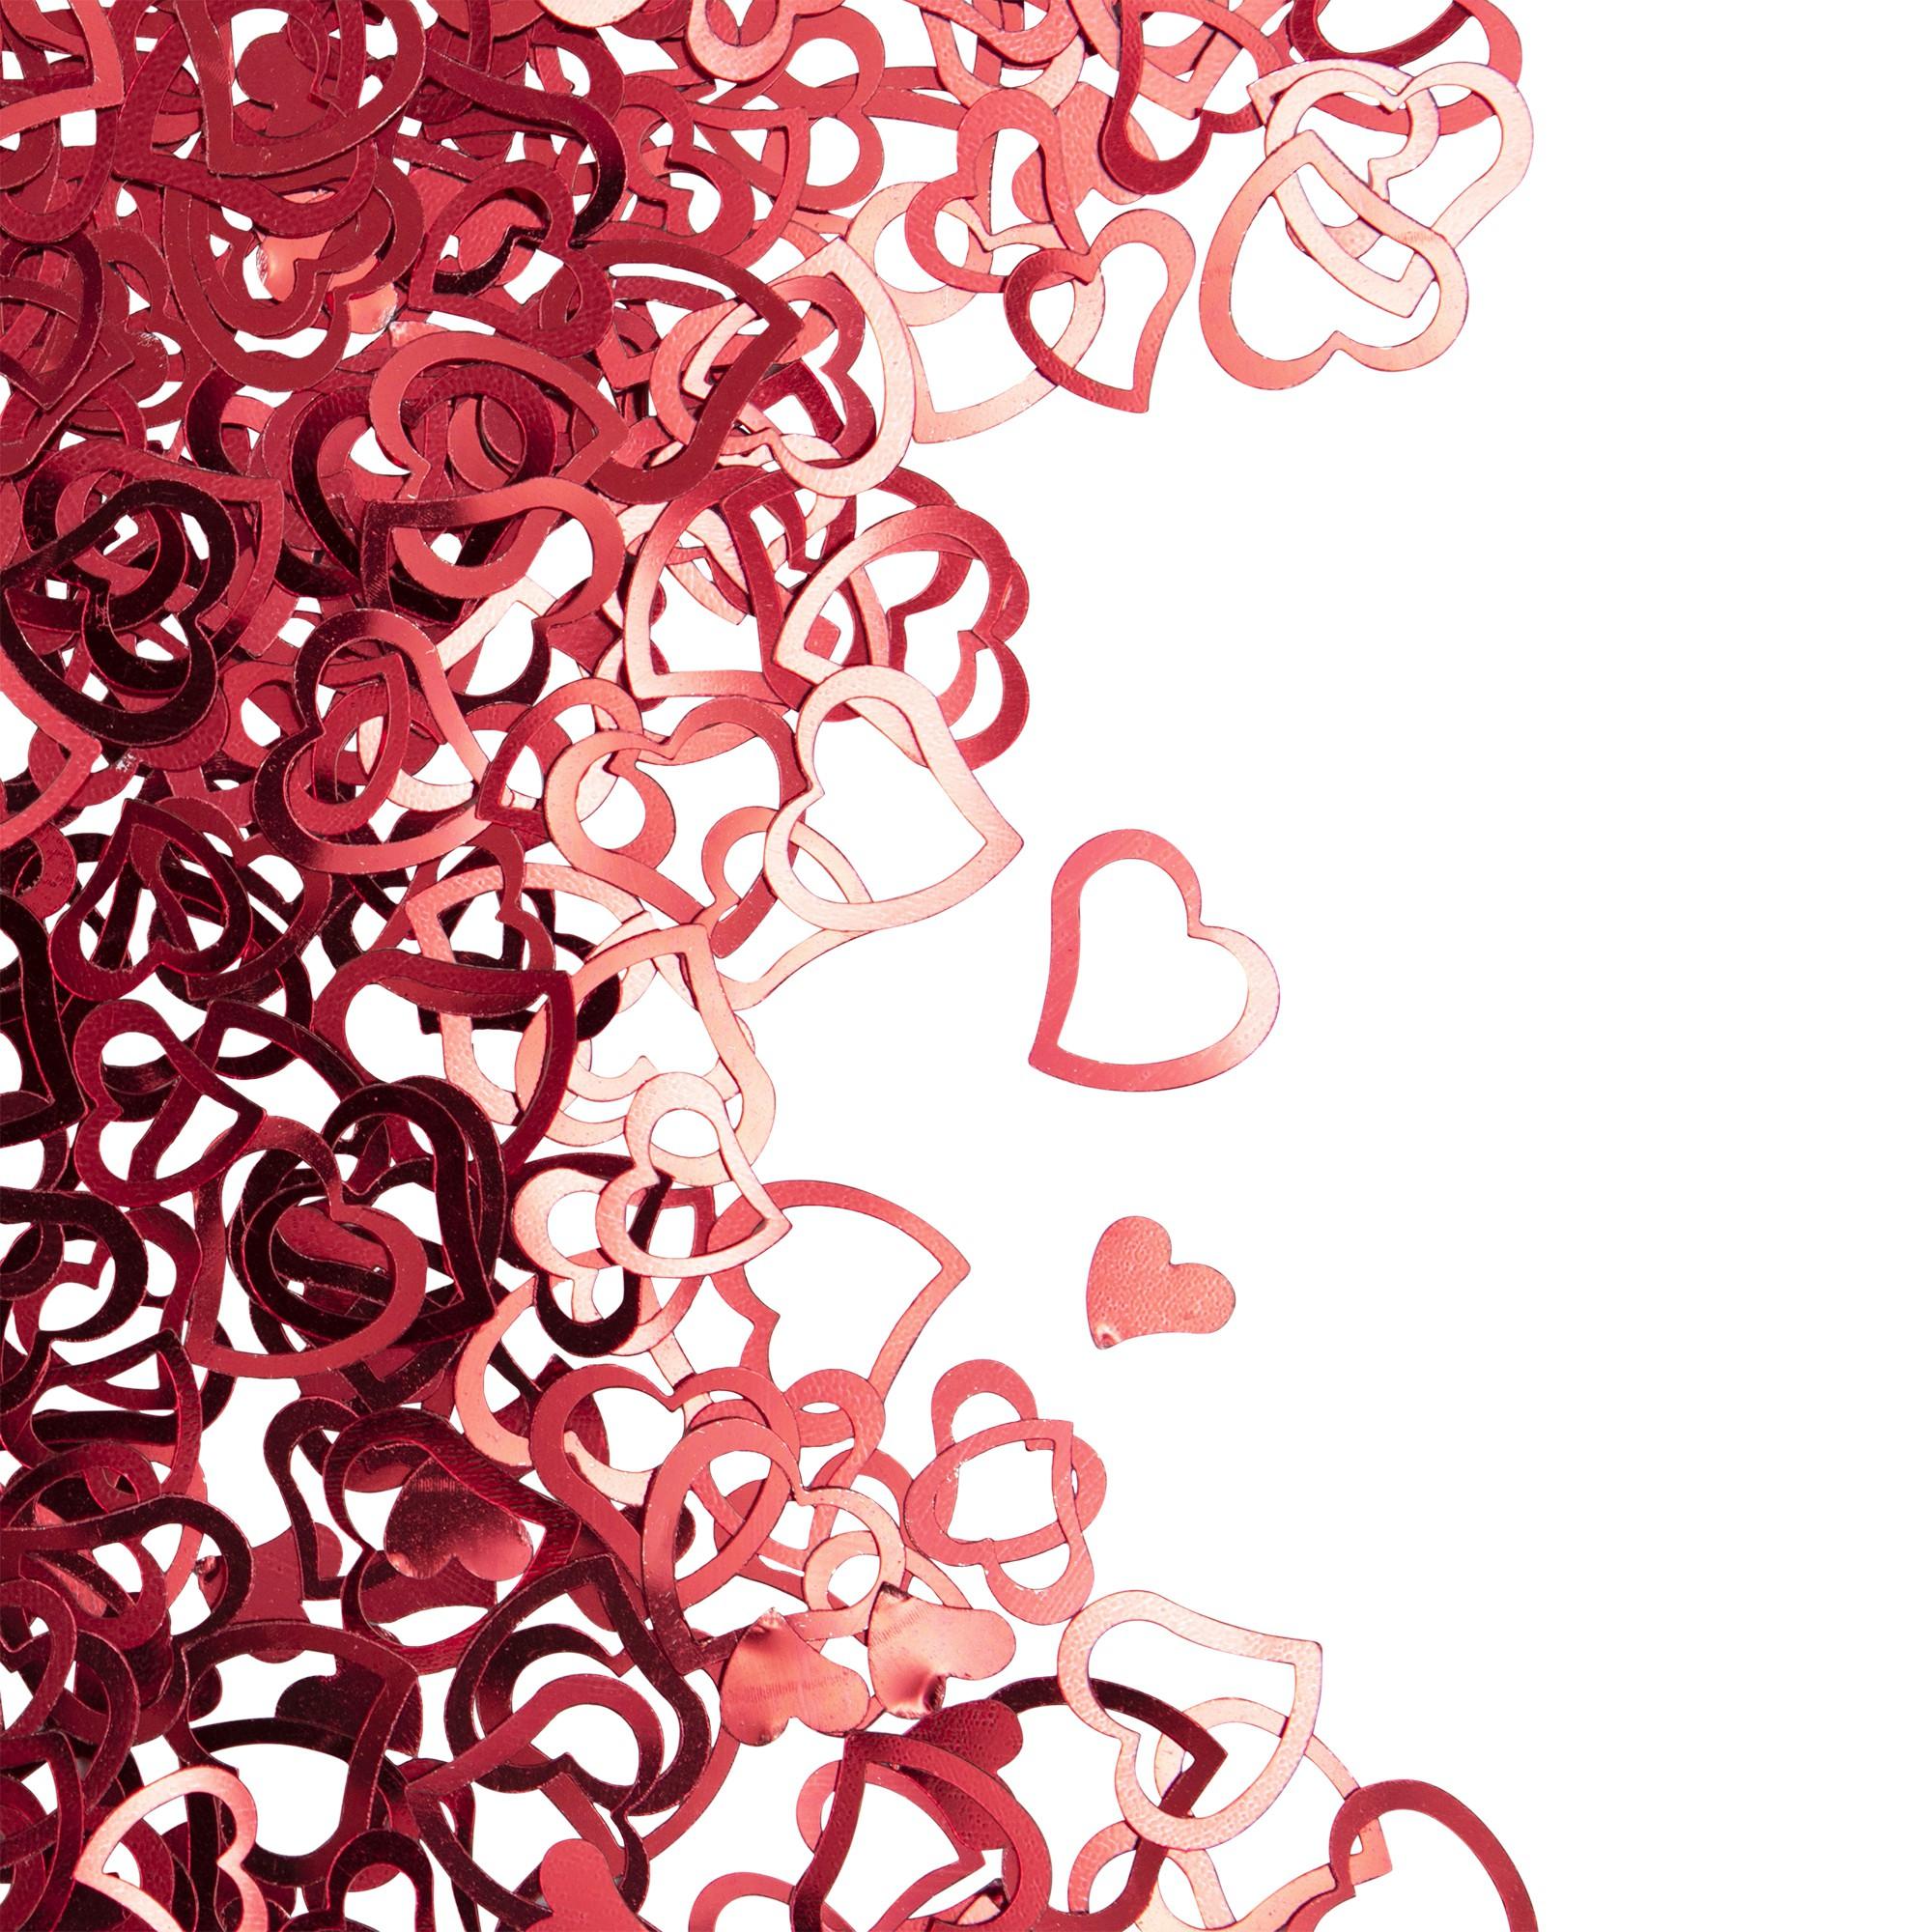 """קונפטי, לב, אדום, לבבות, לבבות אדומים, קונפטי לב אדום, קונפטי לבבות אדומים, יום האהבה, ולנטיין, ט""""ו באב, אהבה, קונפטי לבבות אדומים"""